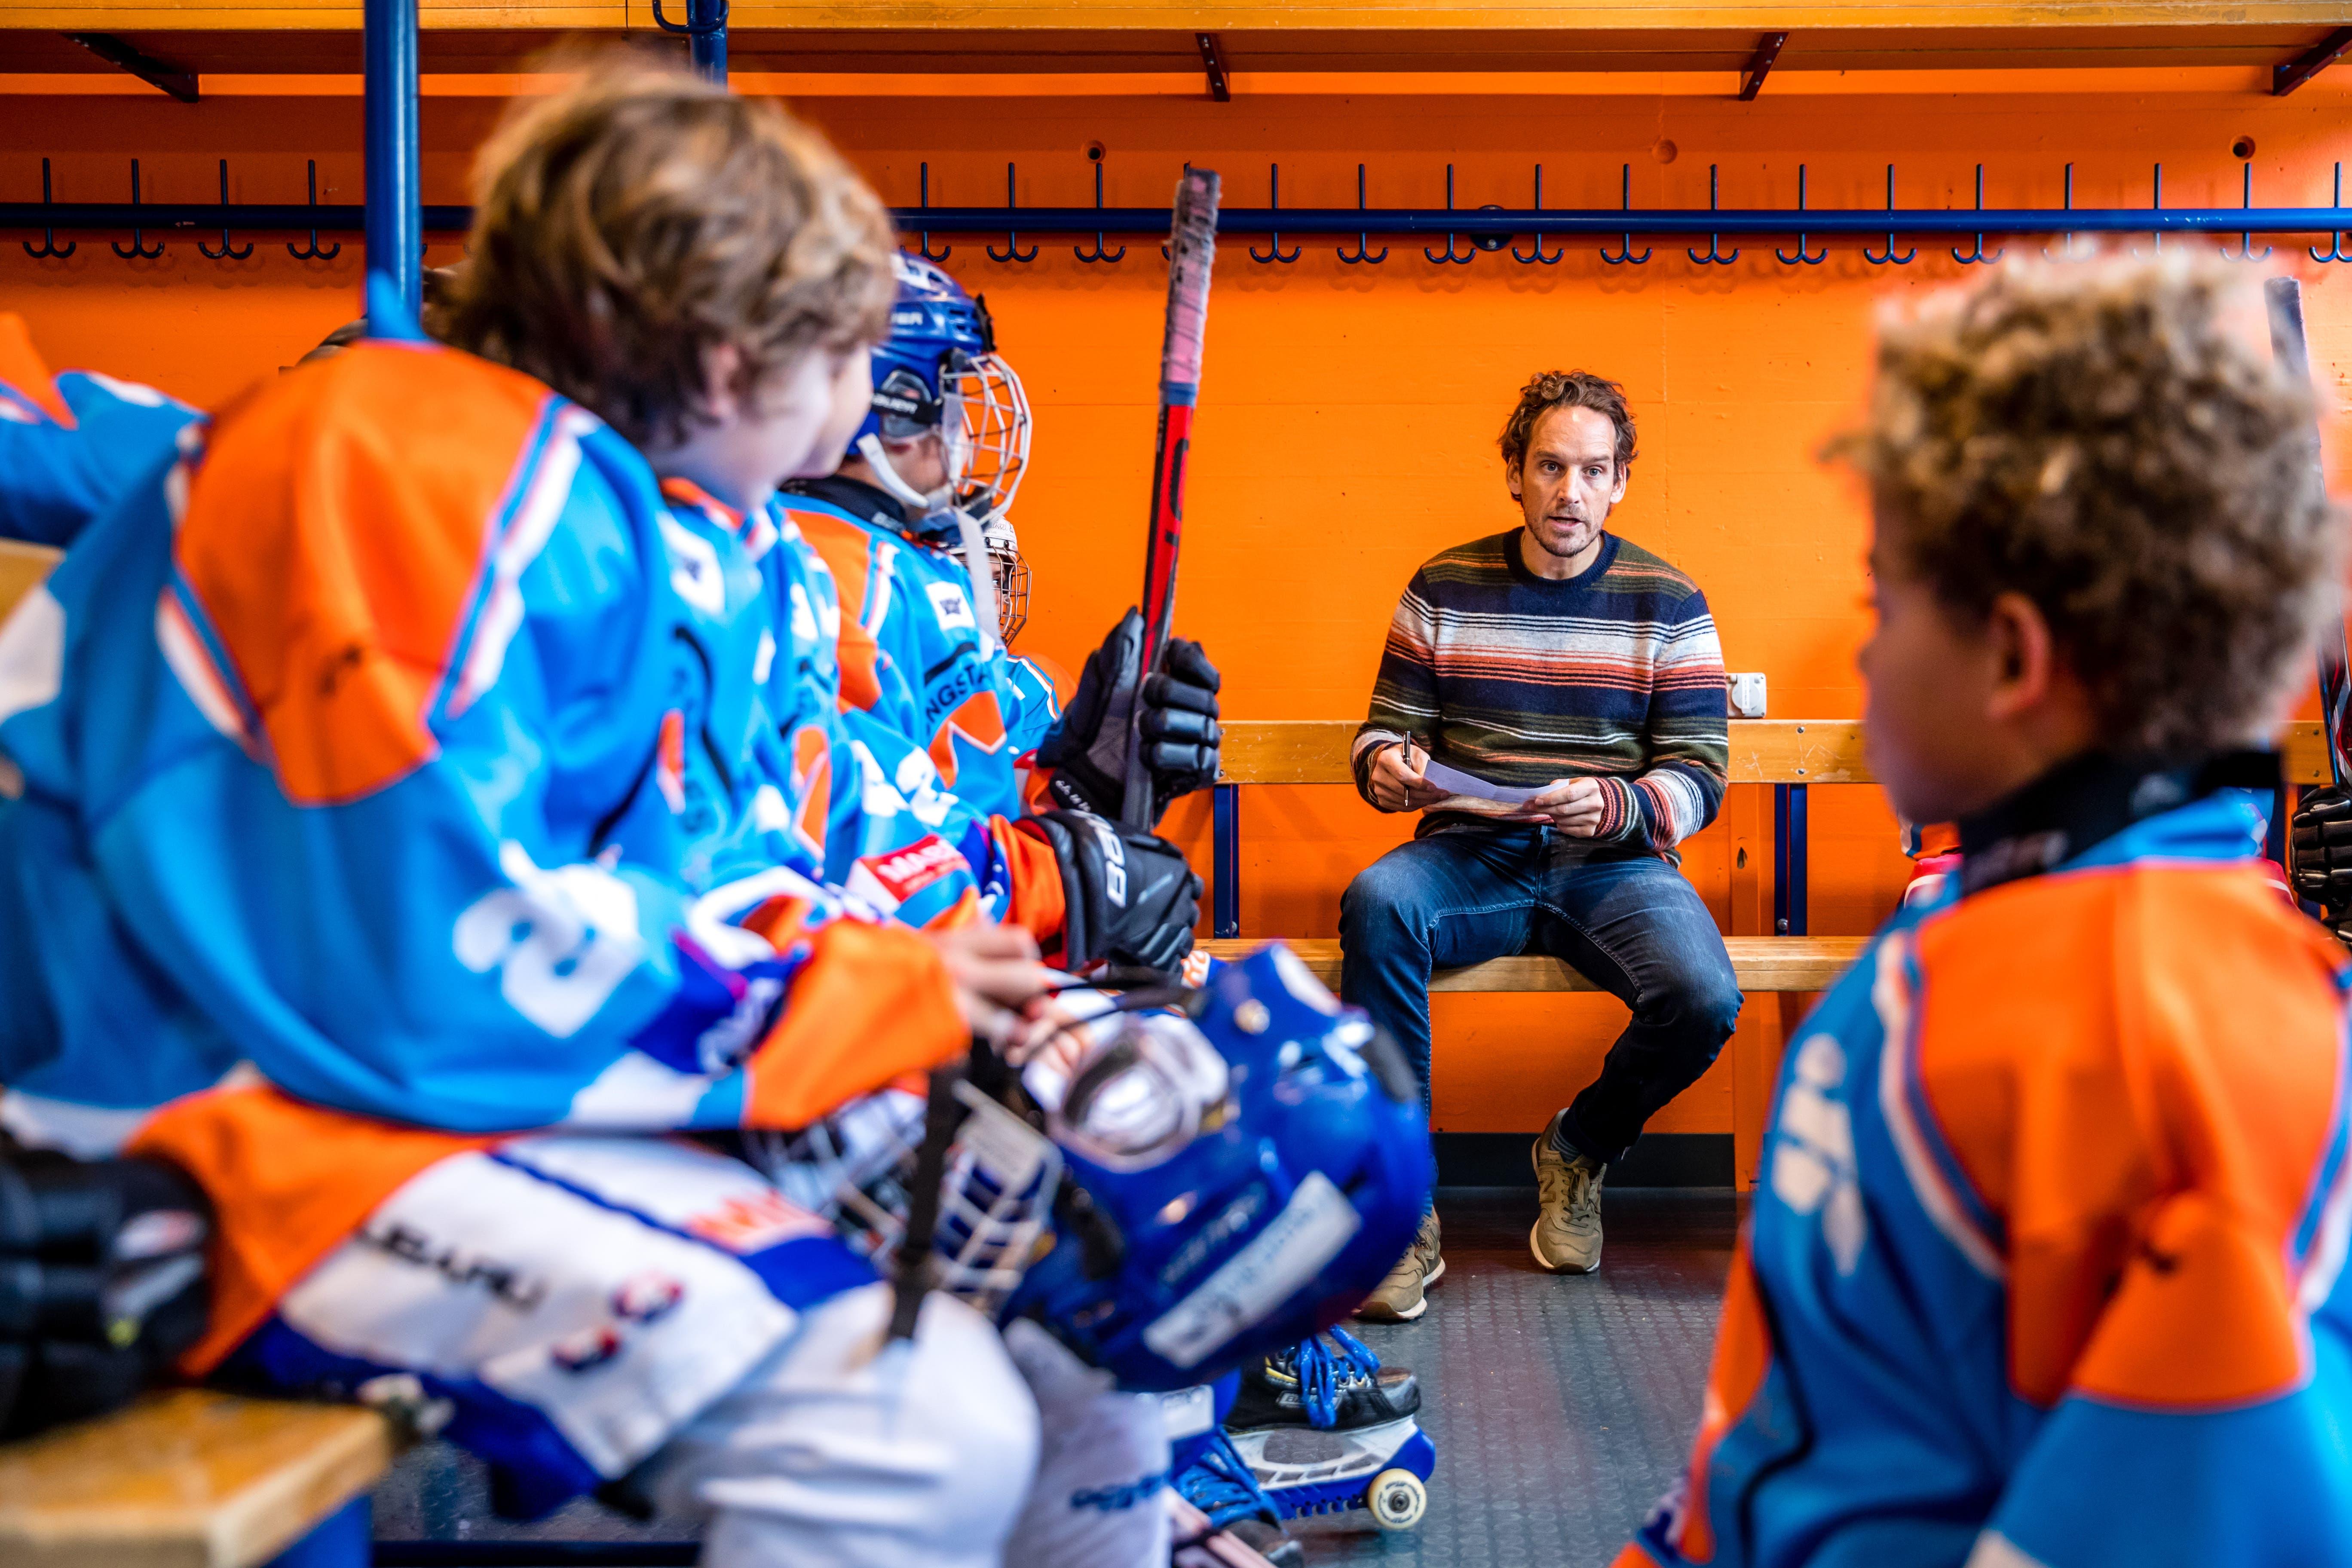 Eishockey Nationaltrainer Patrick Fischer bereitet sein All Star Team auf das Spiel vor am Young Star Games Eishockey Turnier. (Bild: Philipp Schmidli, 24. November 2019)